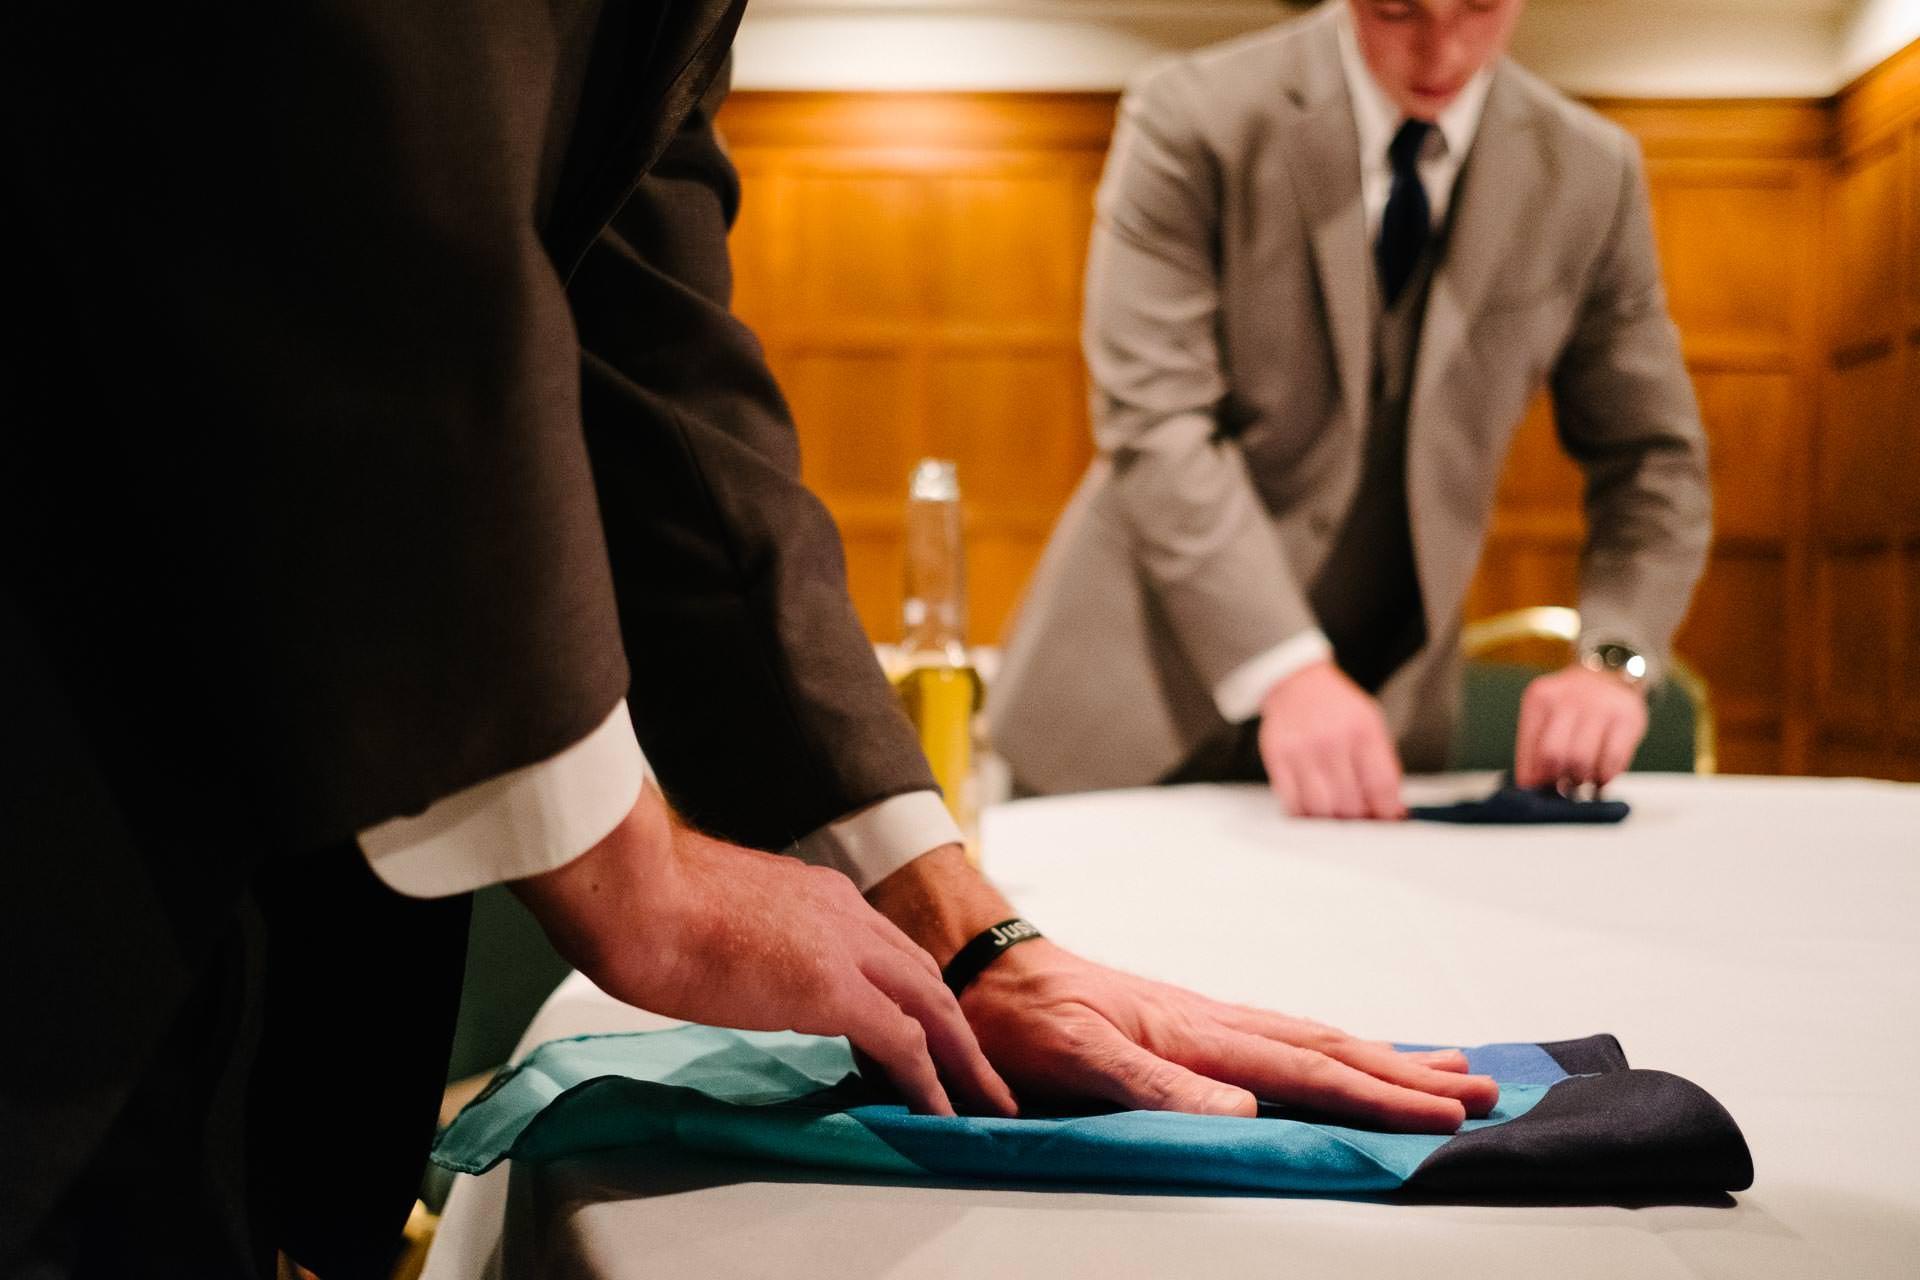 0129_CSM-Saint-Paul-Athletic-Club-Wedding-Reception